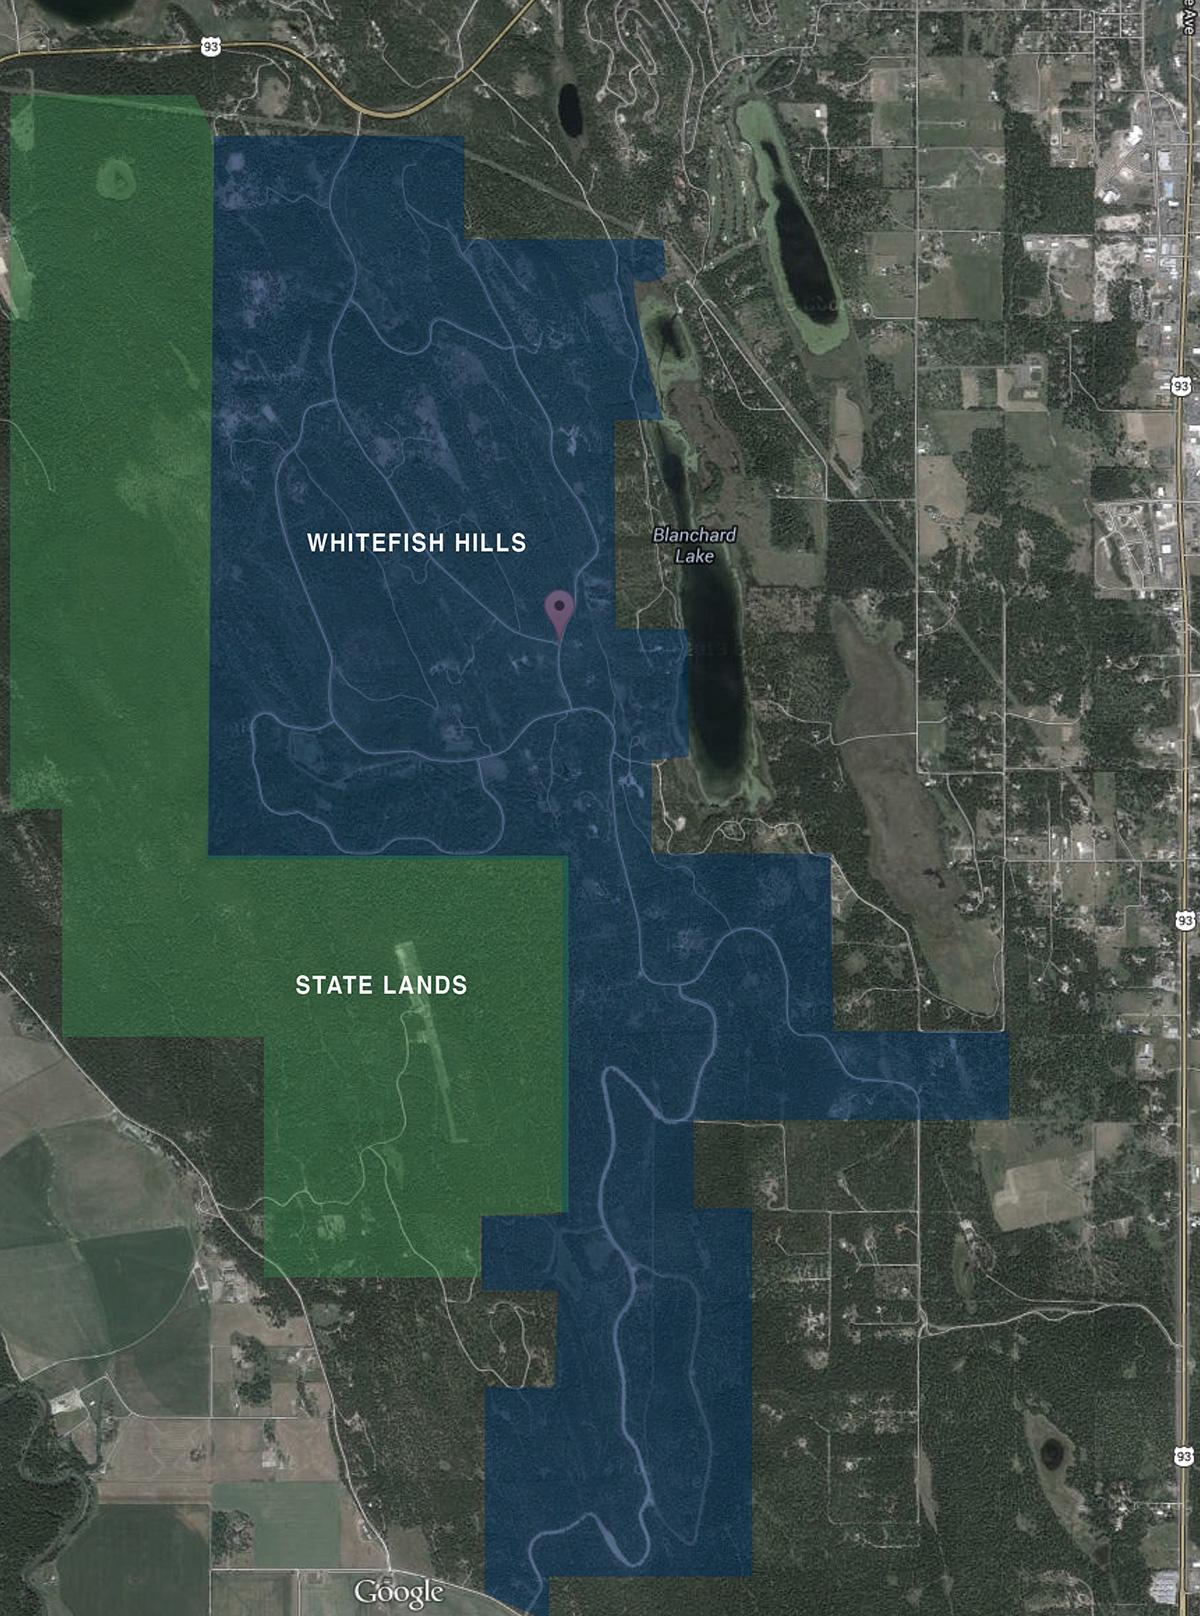 satelliteview.jpg